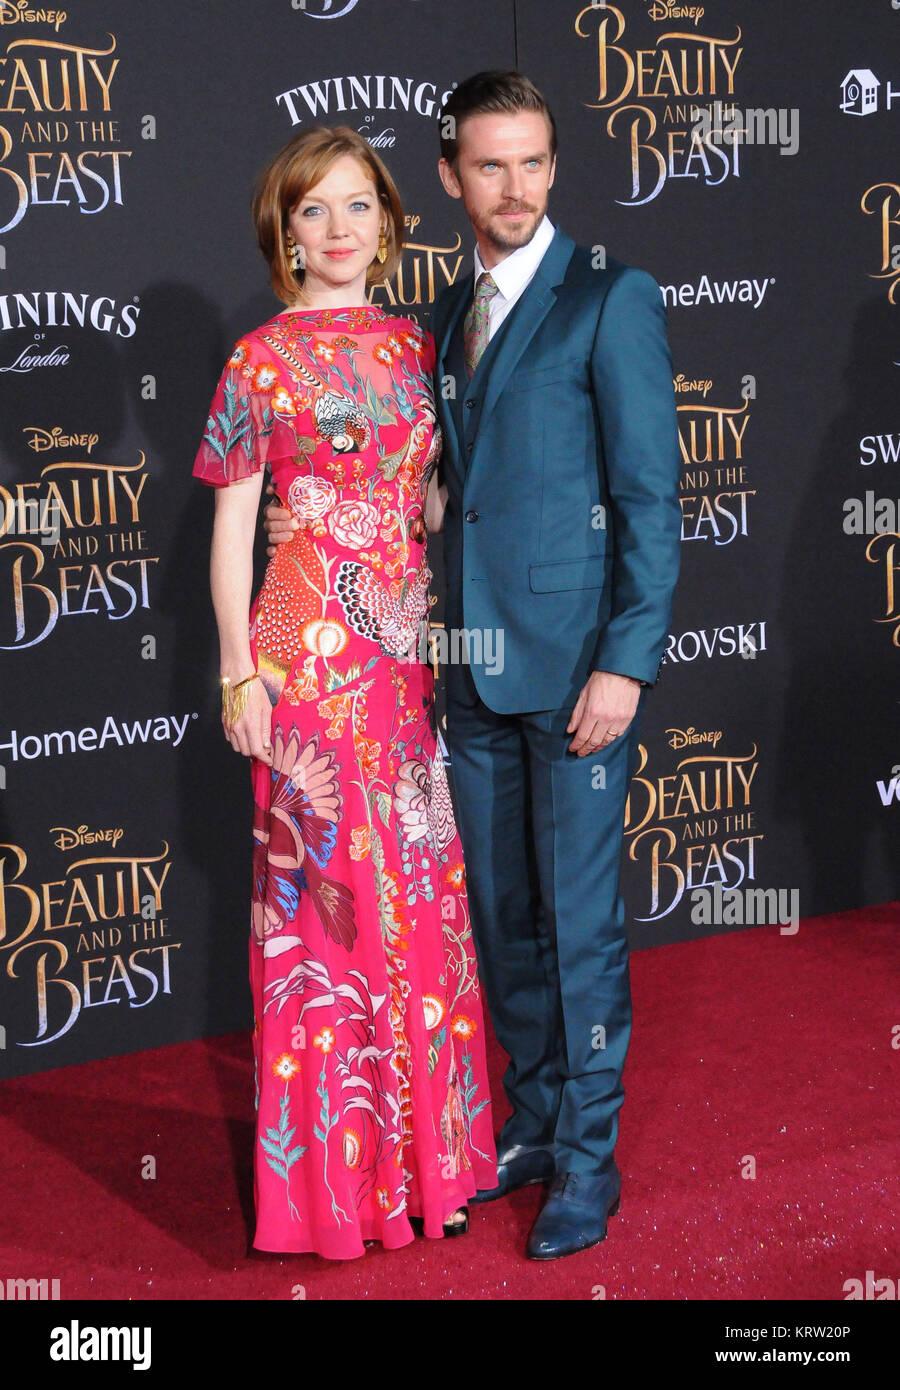 Hollywood Ca 2 März Schauspieler Dan Stevens R Und Susie